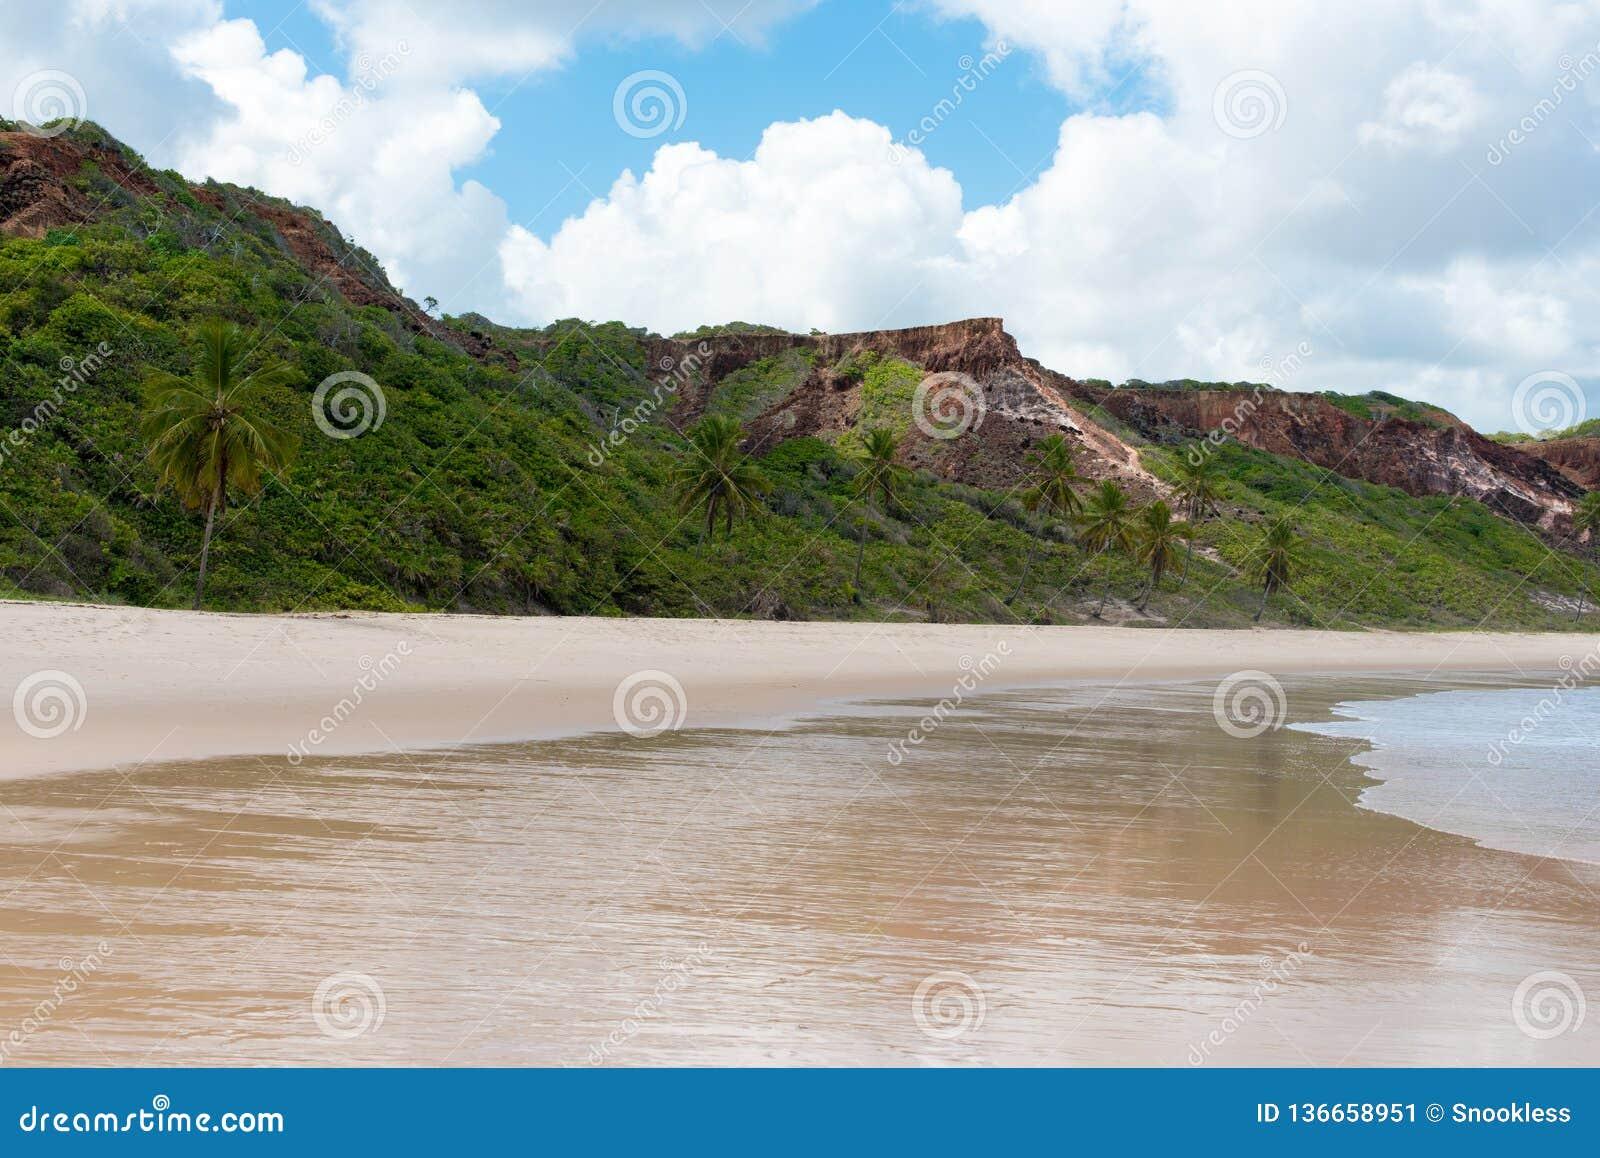 Bergige brasilianische Küstenlinie